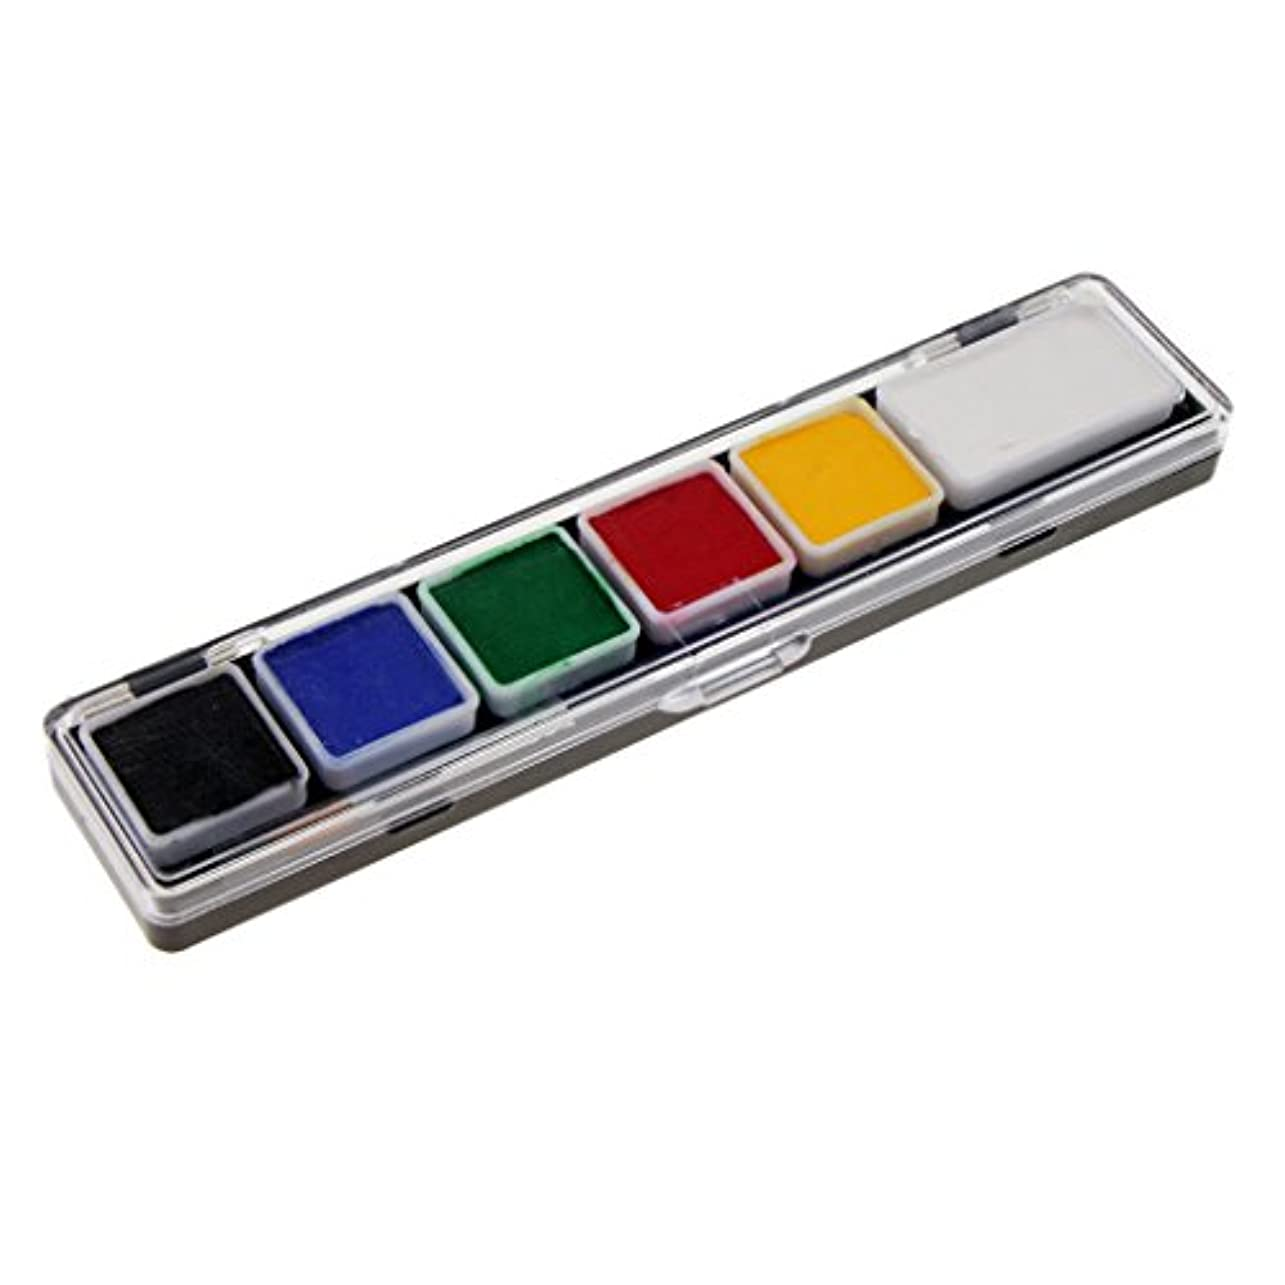 未払い引用不変フェイスペイントパレット ボディーペイント パレット 絵具 6色セット コスプレ仮装用 防水 全6種 - RT005A